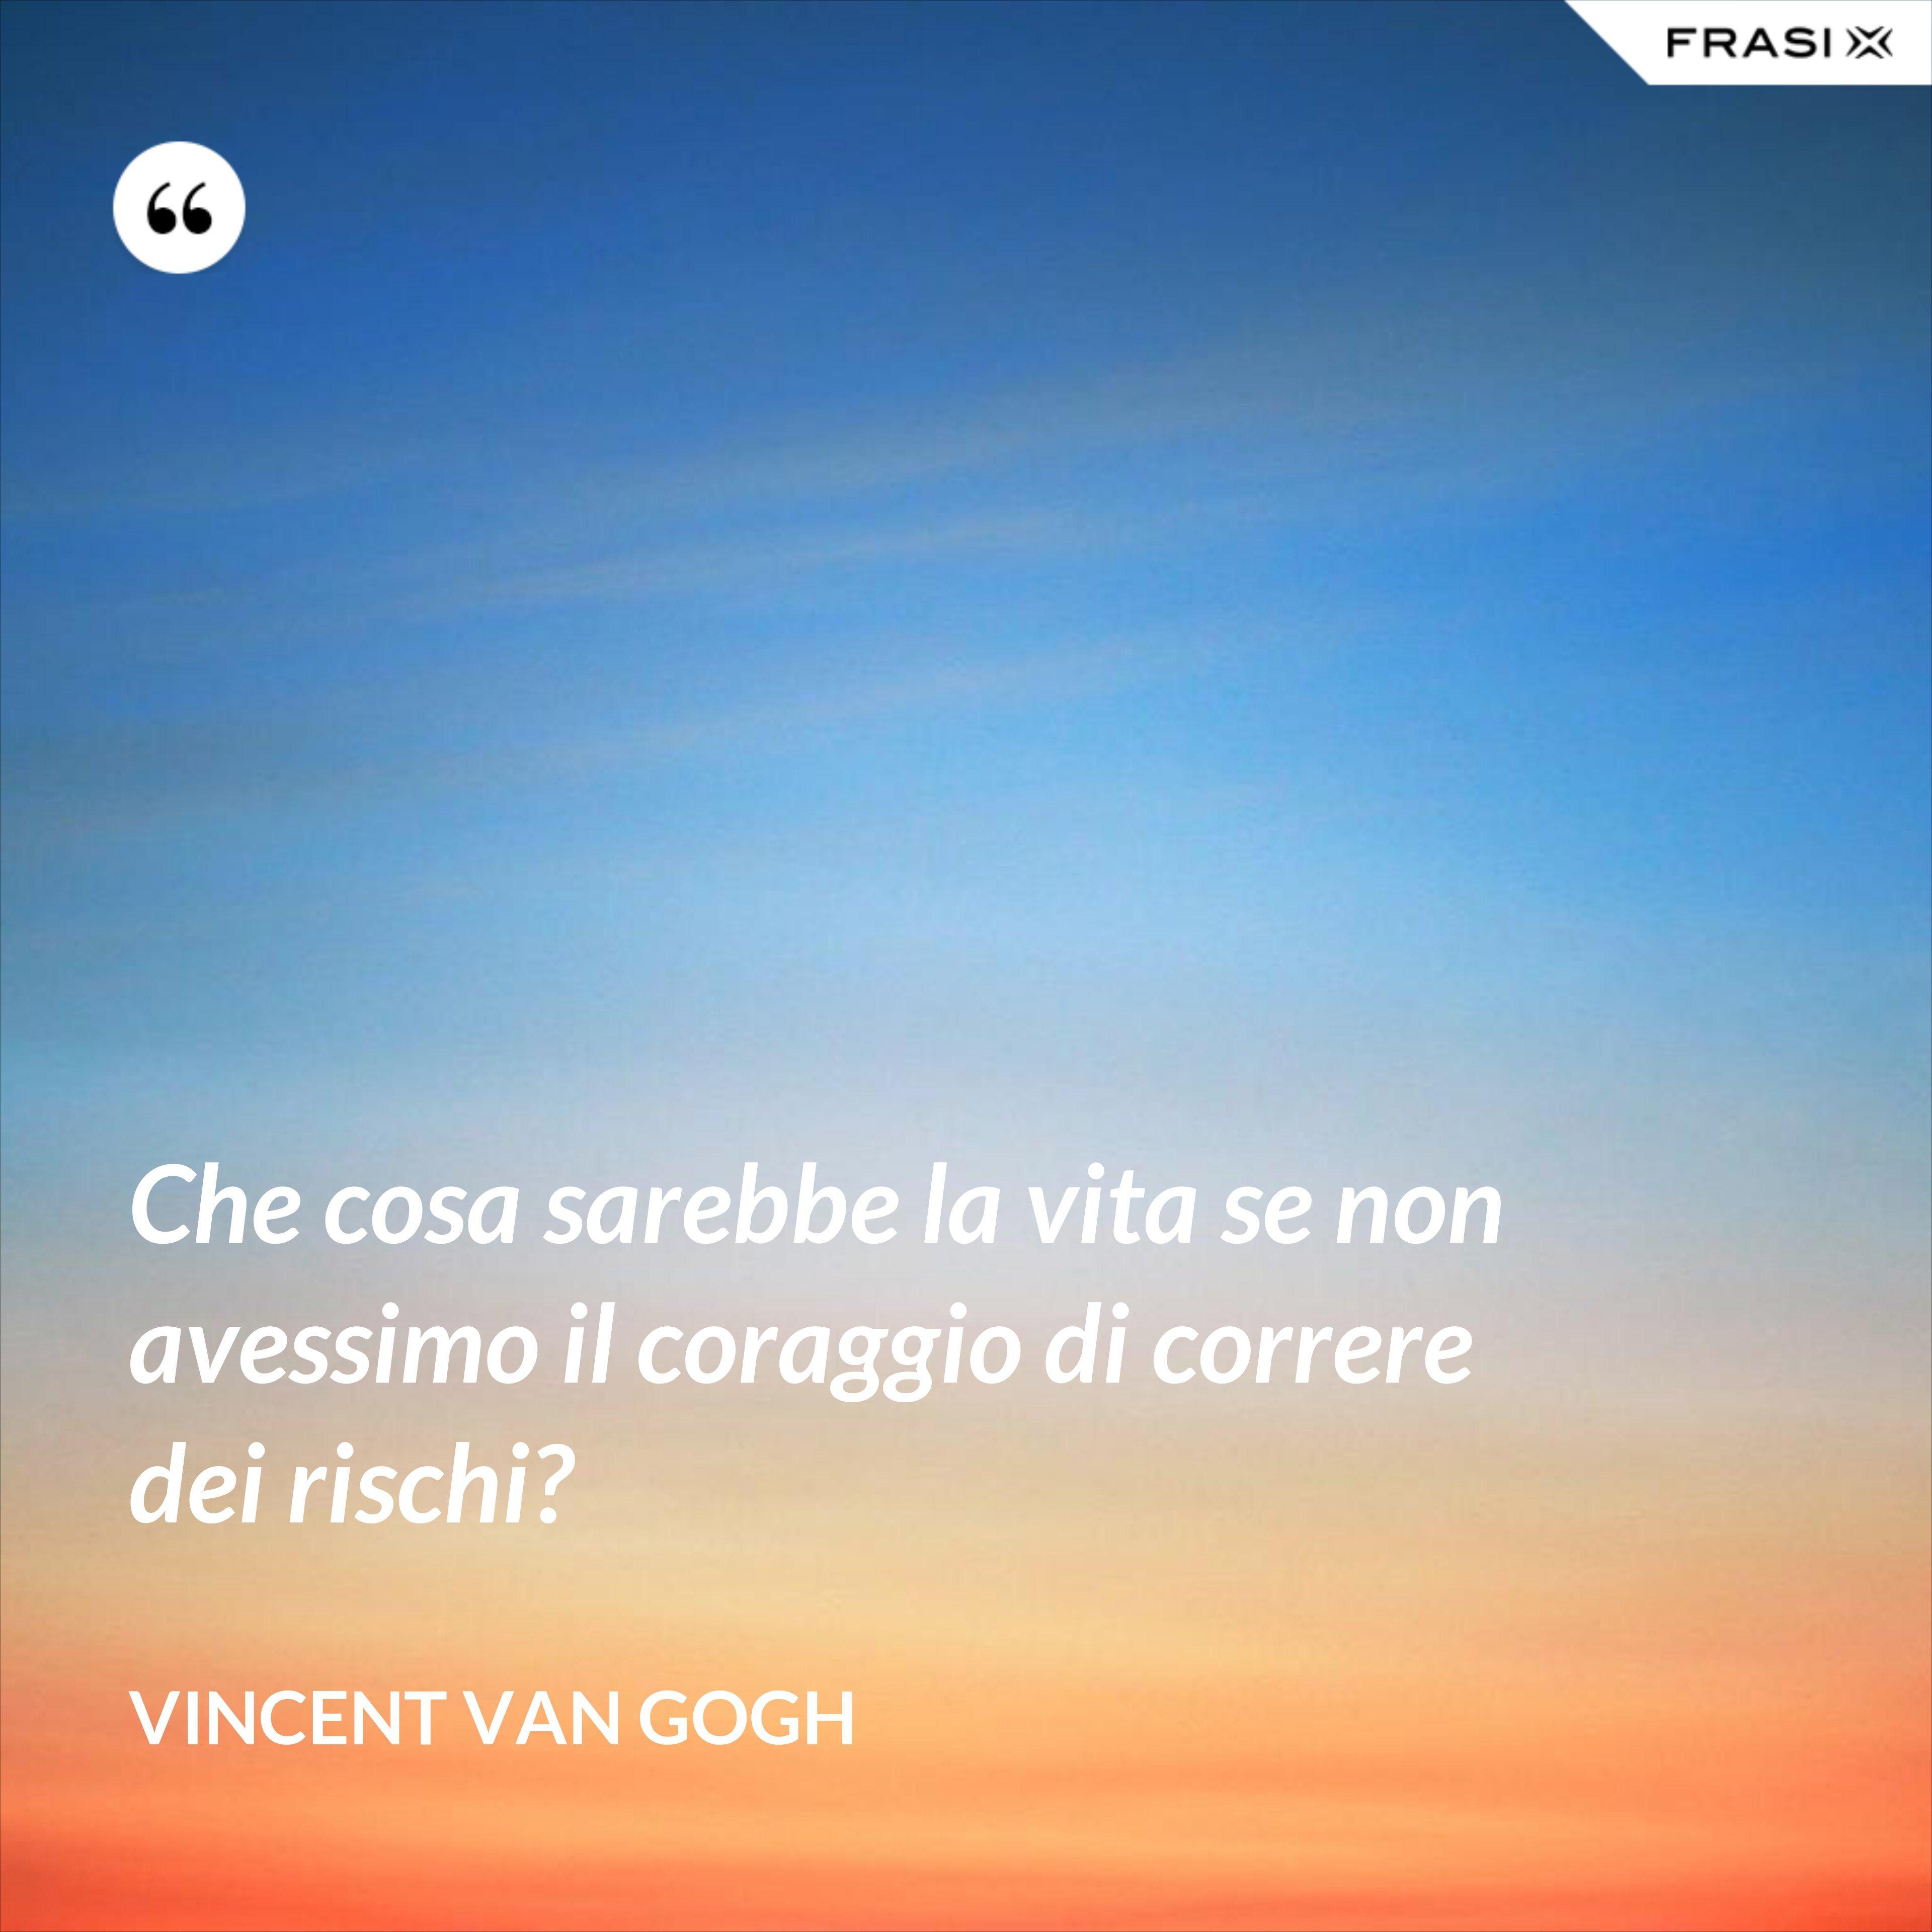 Che cosa sarebbe la vita se non avessimo il coraggio di correre dei rischi? - Vincent Van Gogh